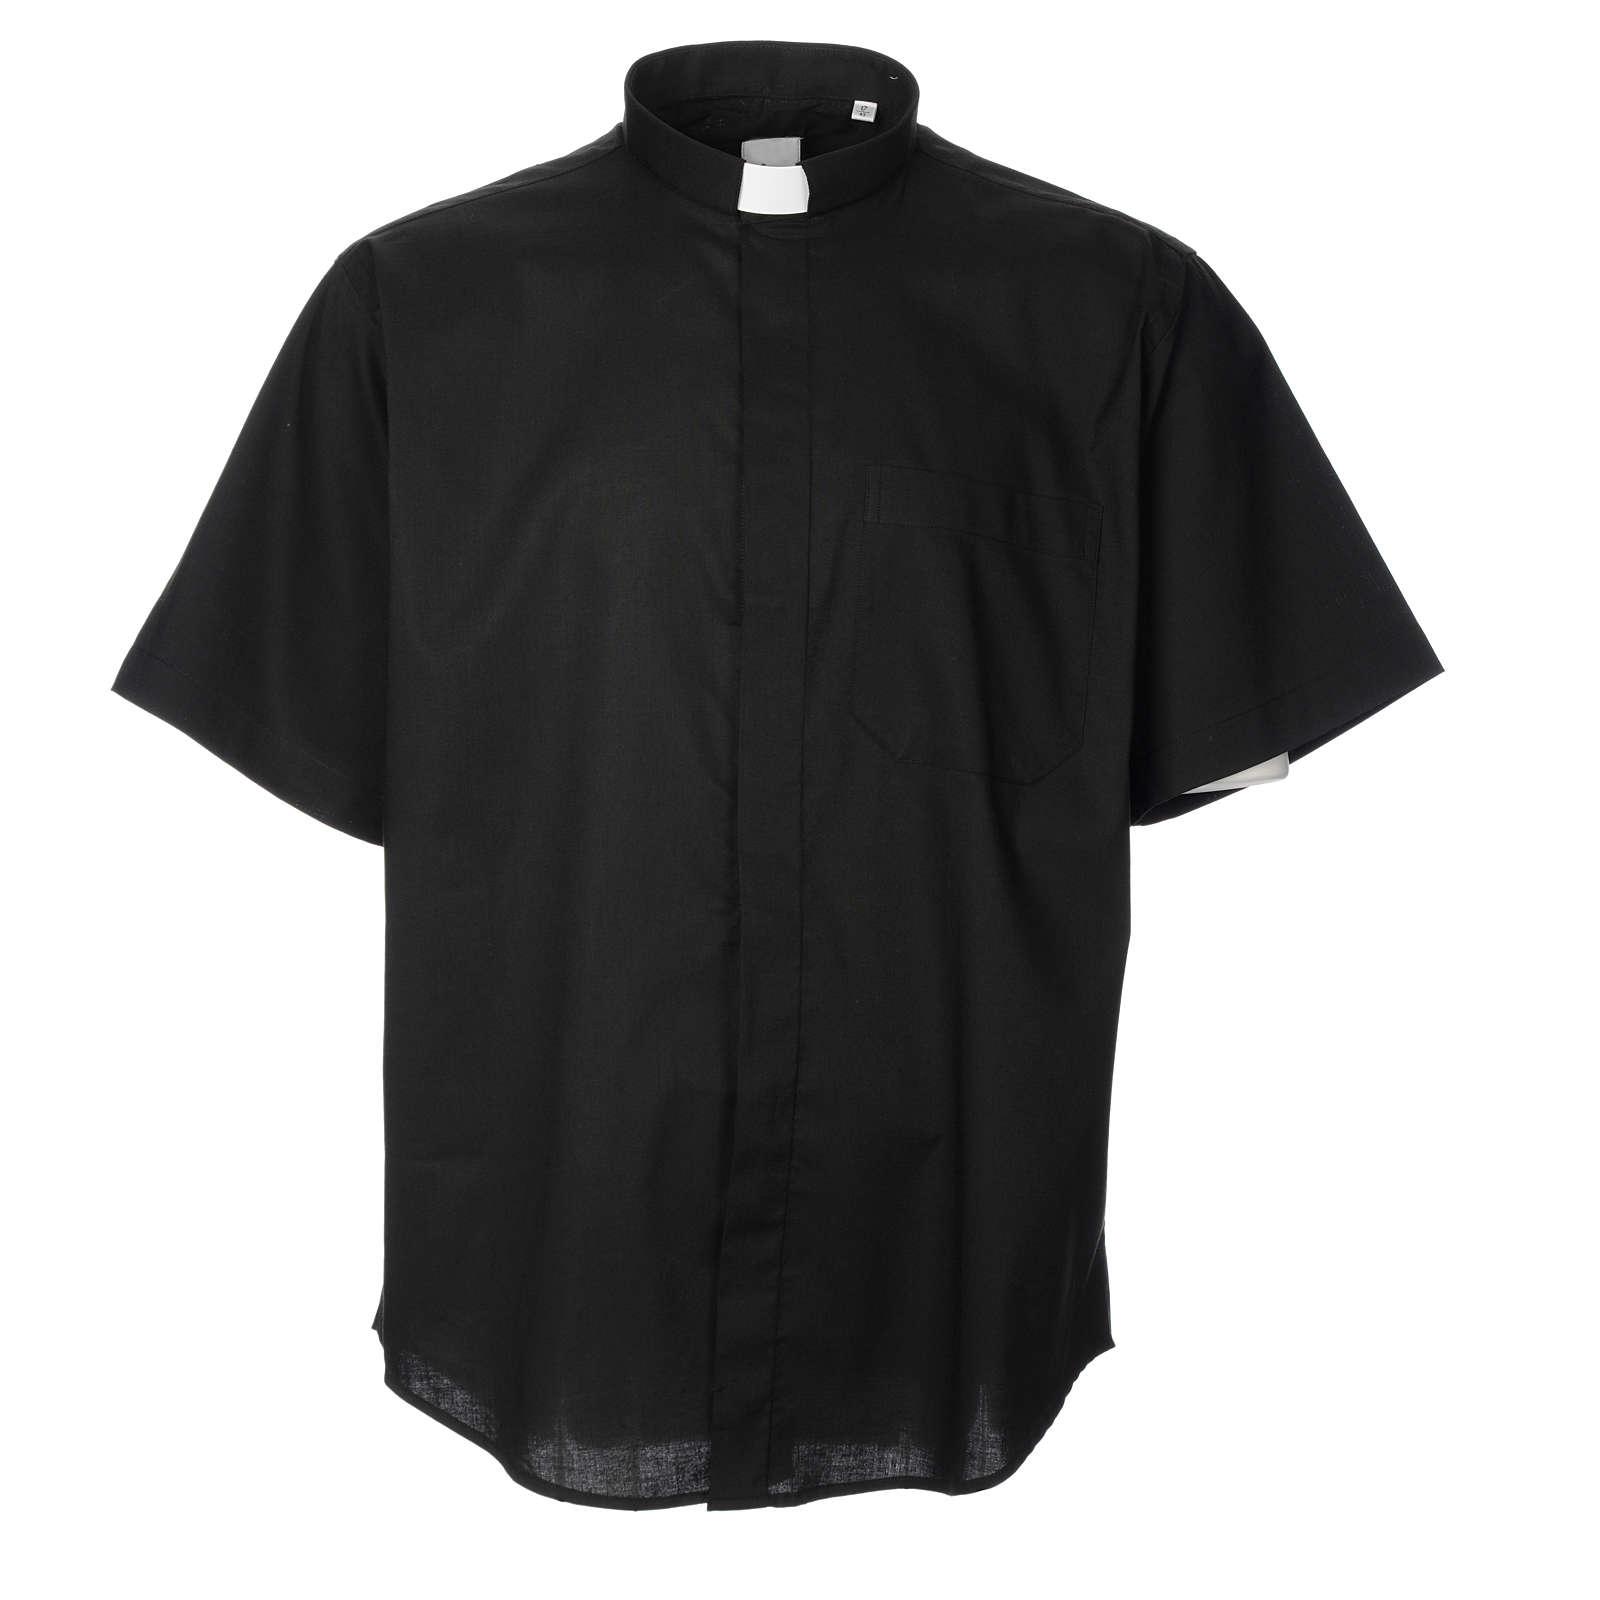 STOCK Camisa clergyman manga curta misto preto 4